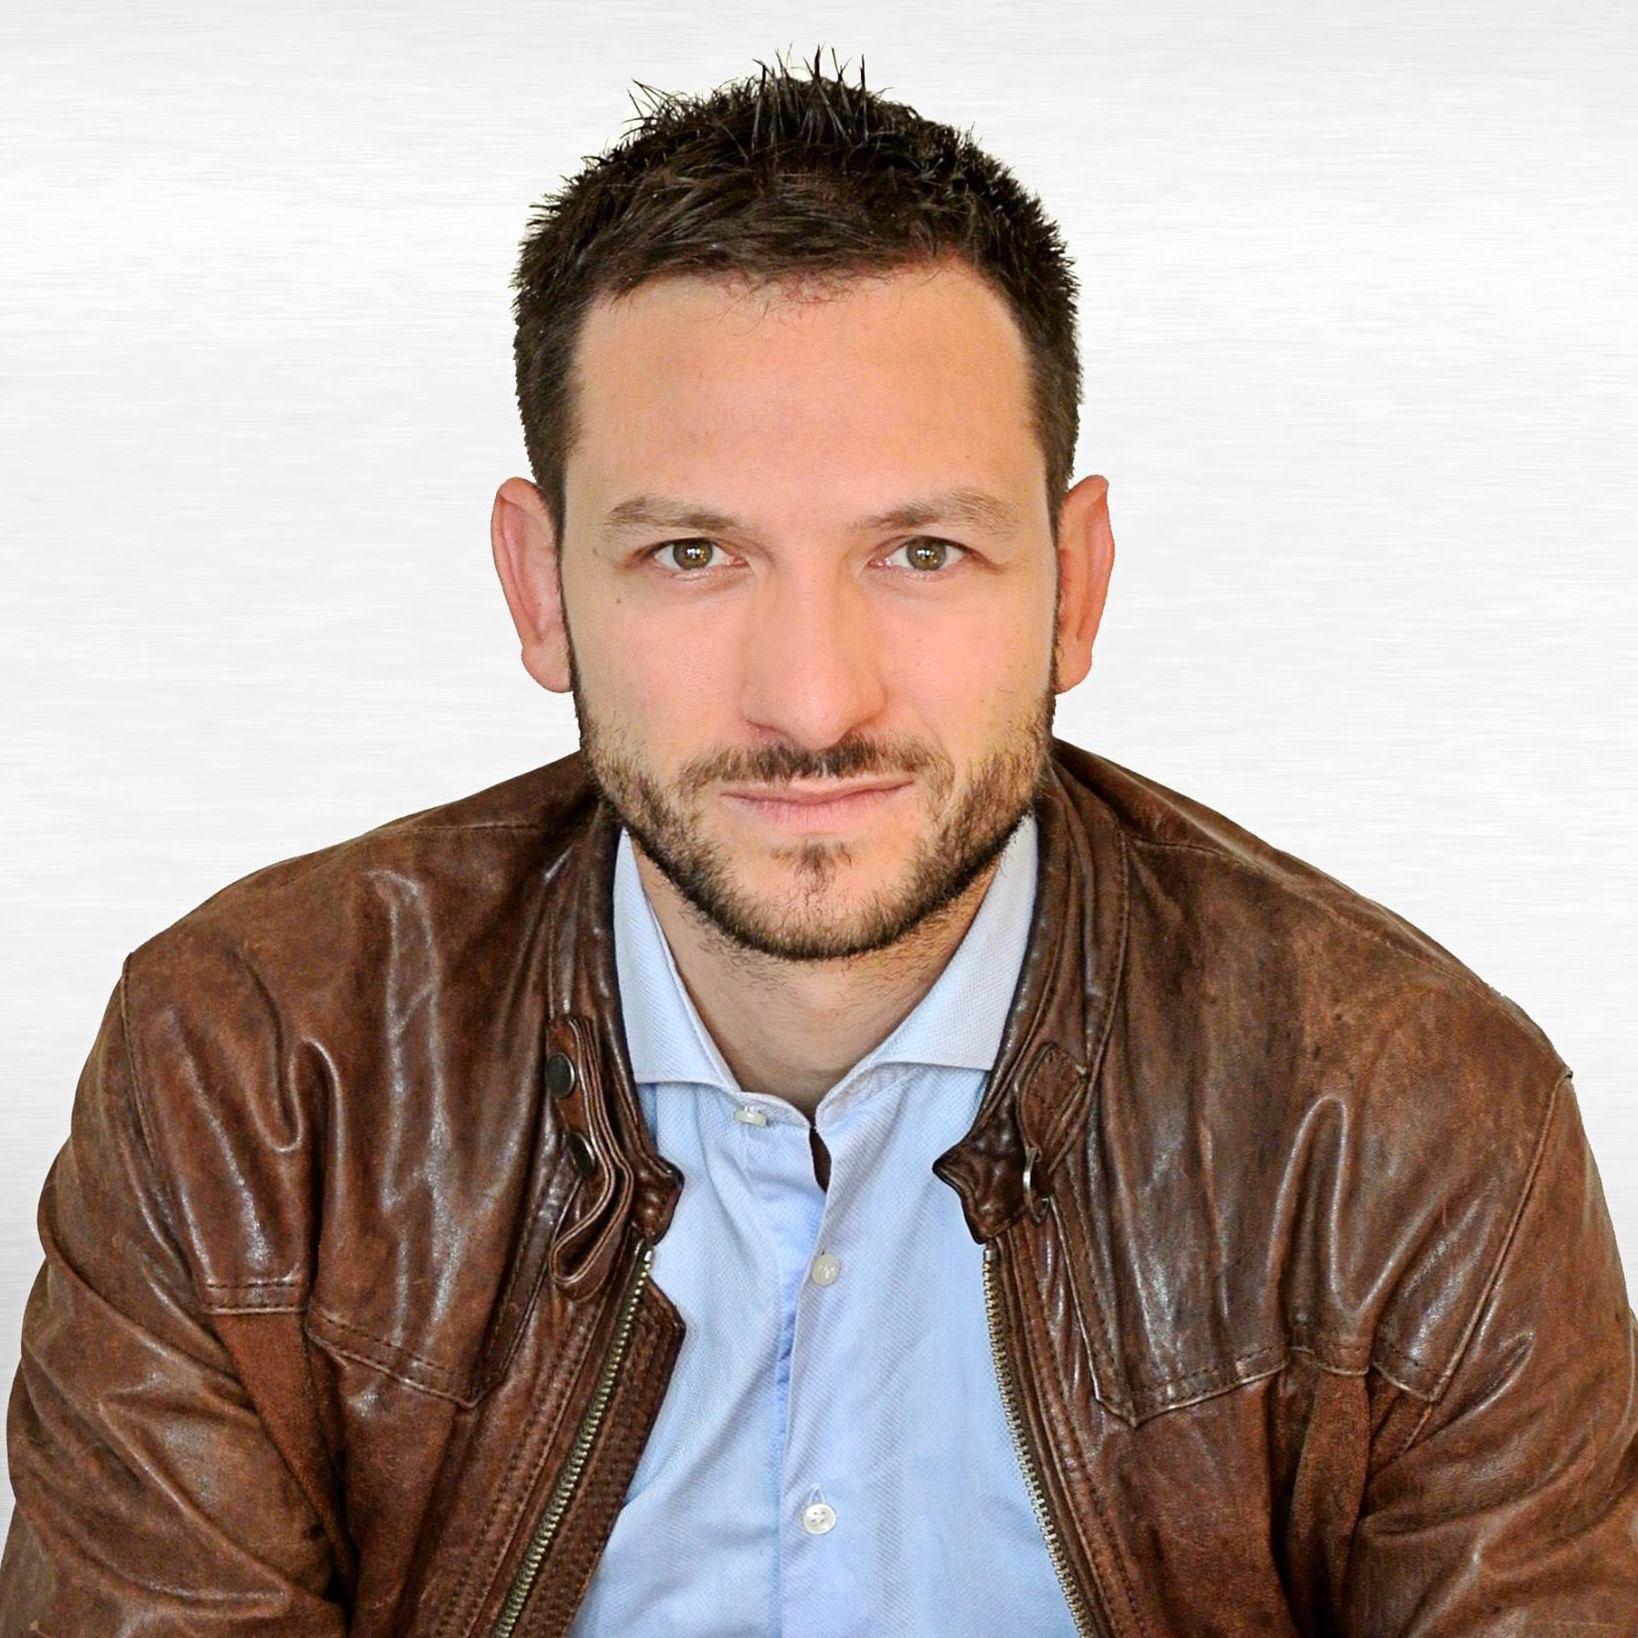 Jacopo Tabanelli